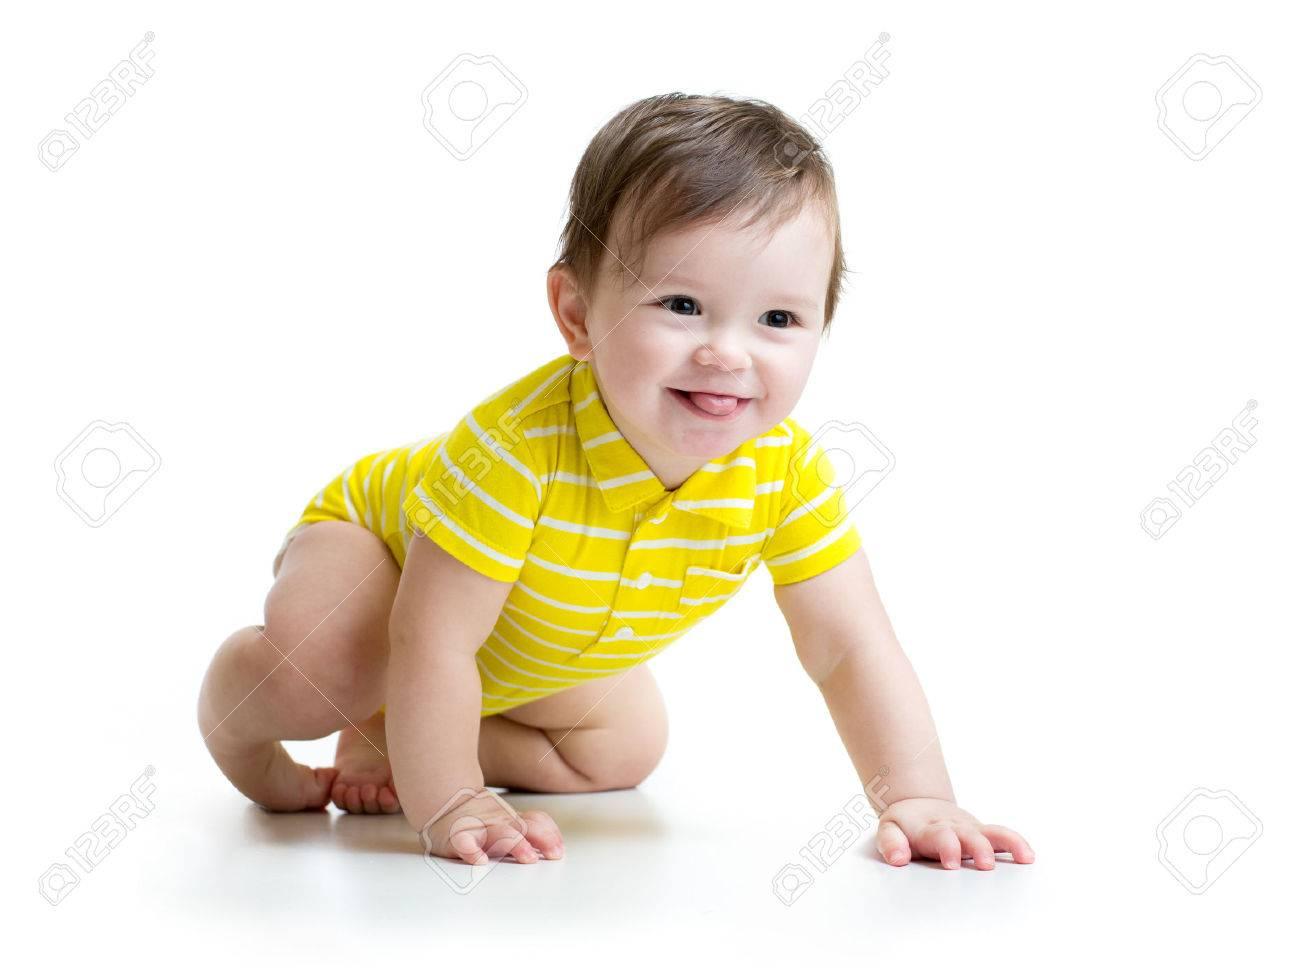 Grappig lachende baby jongen kruipen op wit wordt geïsoleerd